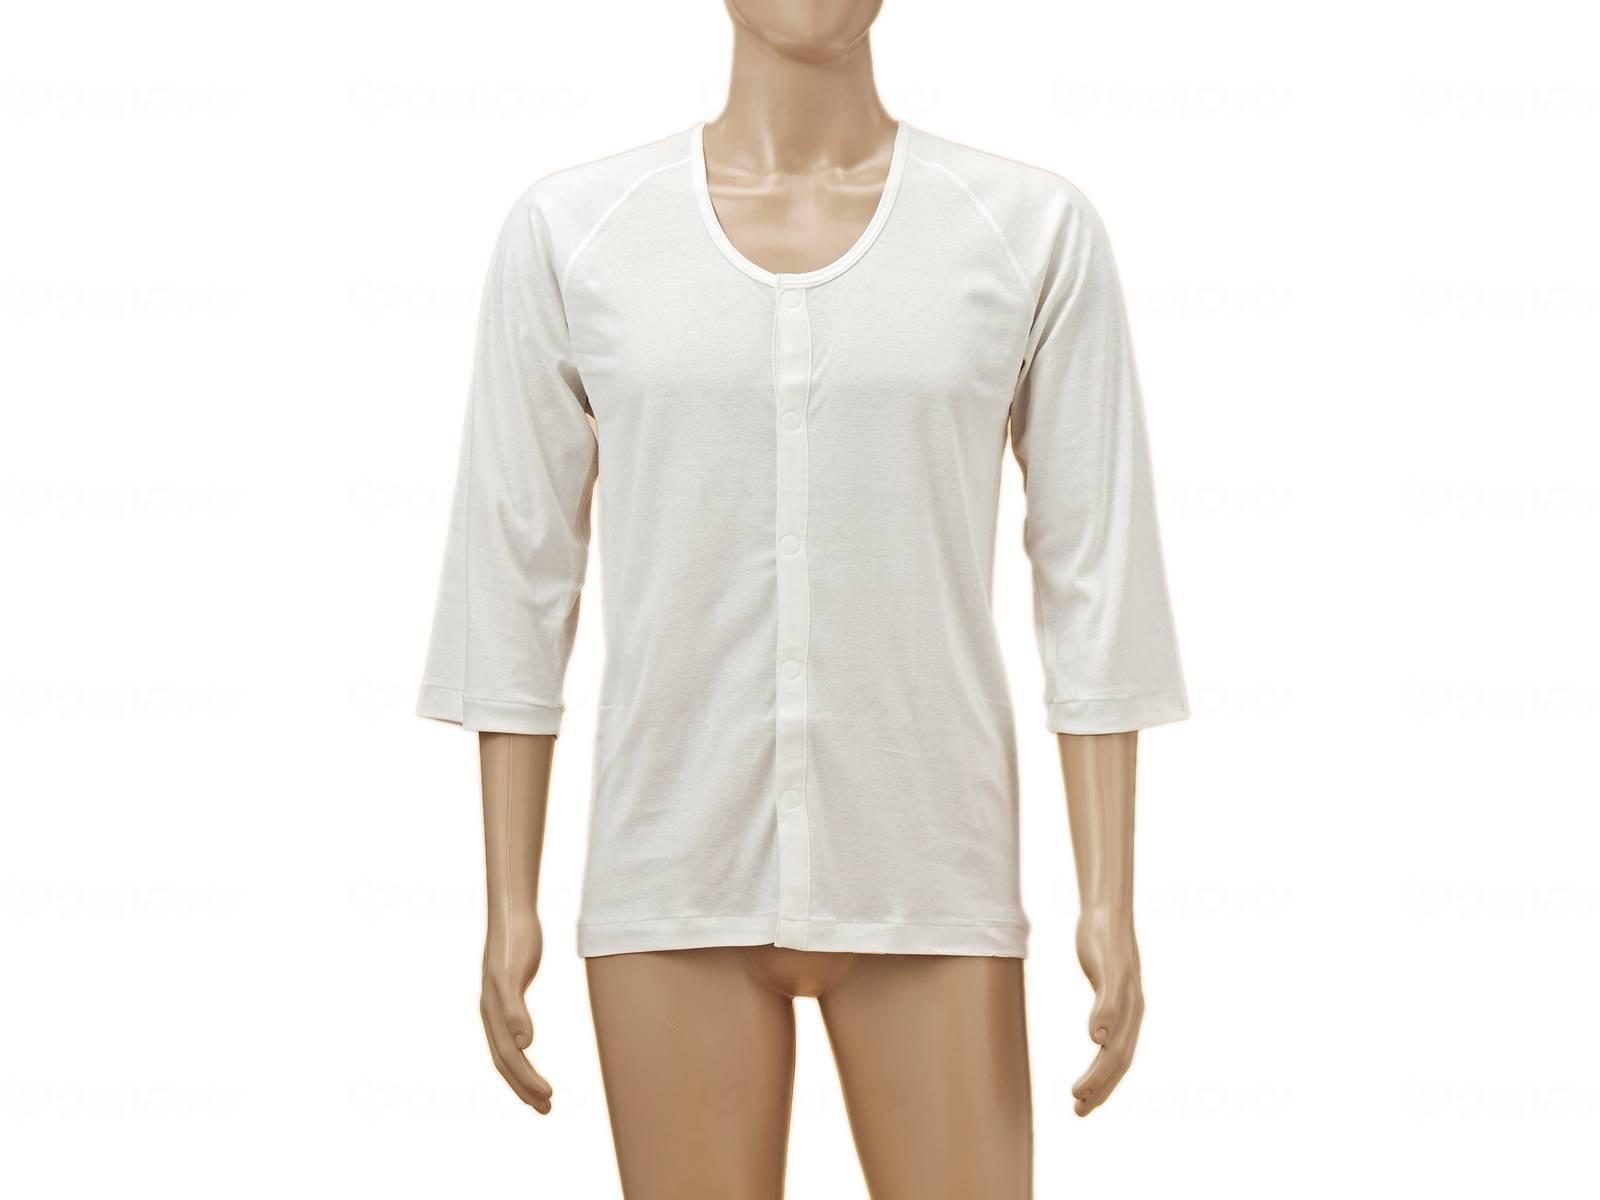 TioTio前開き7分袖(ラグラン袖)紳士用の画像